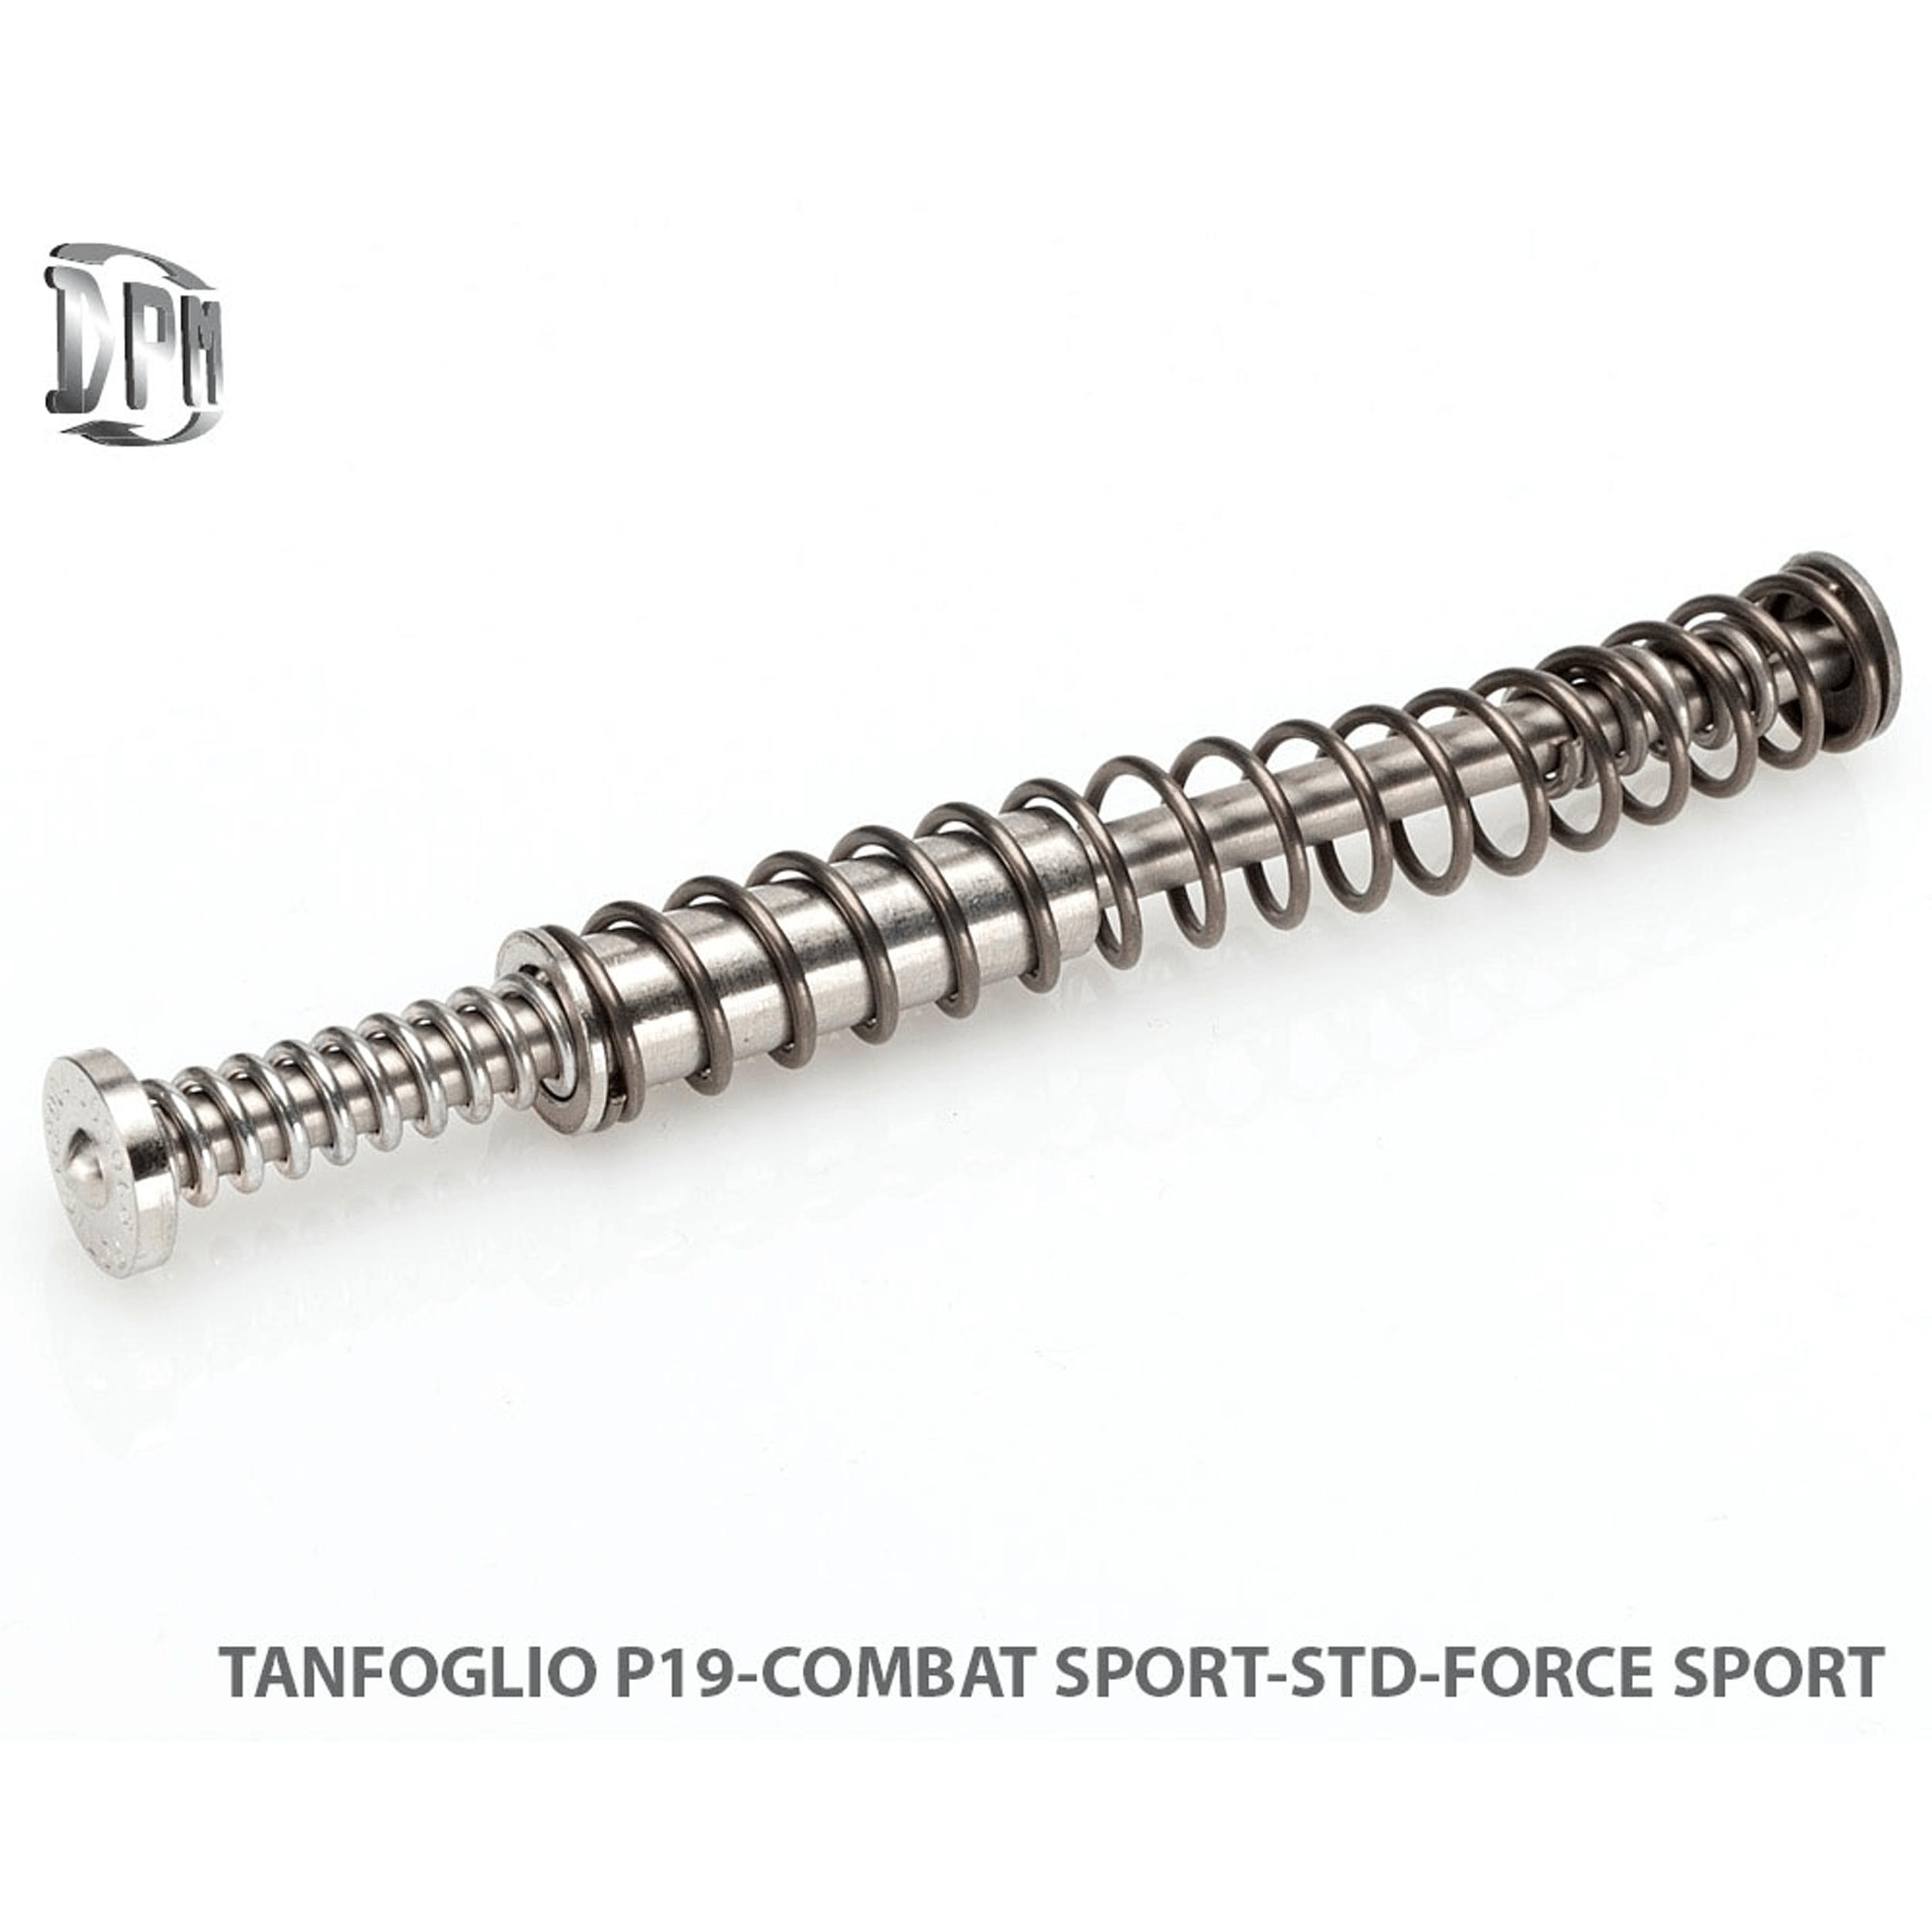 P19 Combat Sport-STD-.9mm .38Super .40S&W .10mmAuto .45ACP .45HP